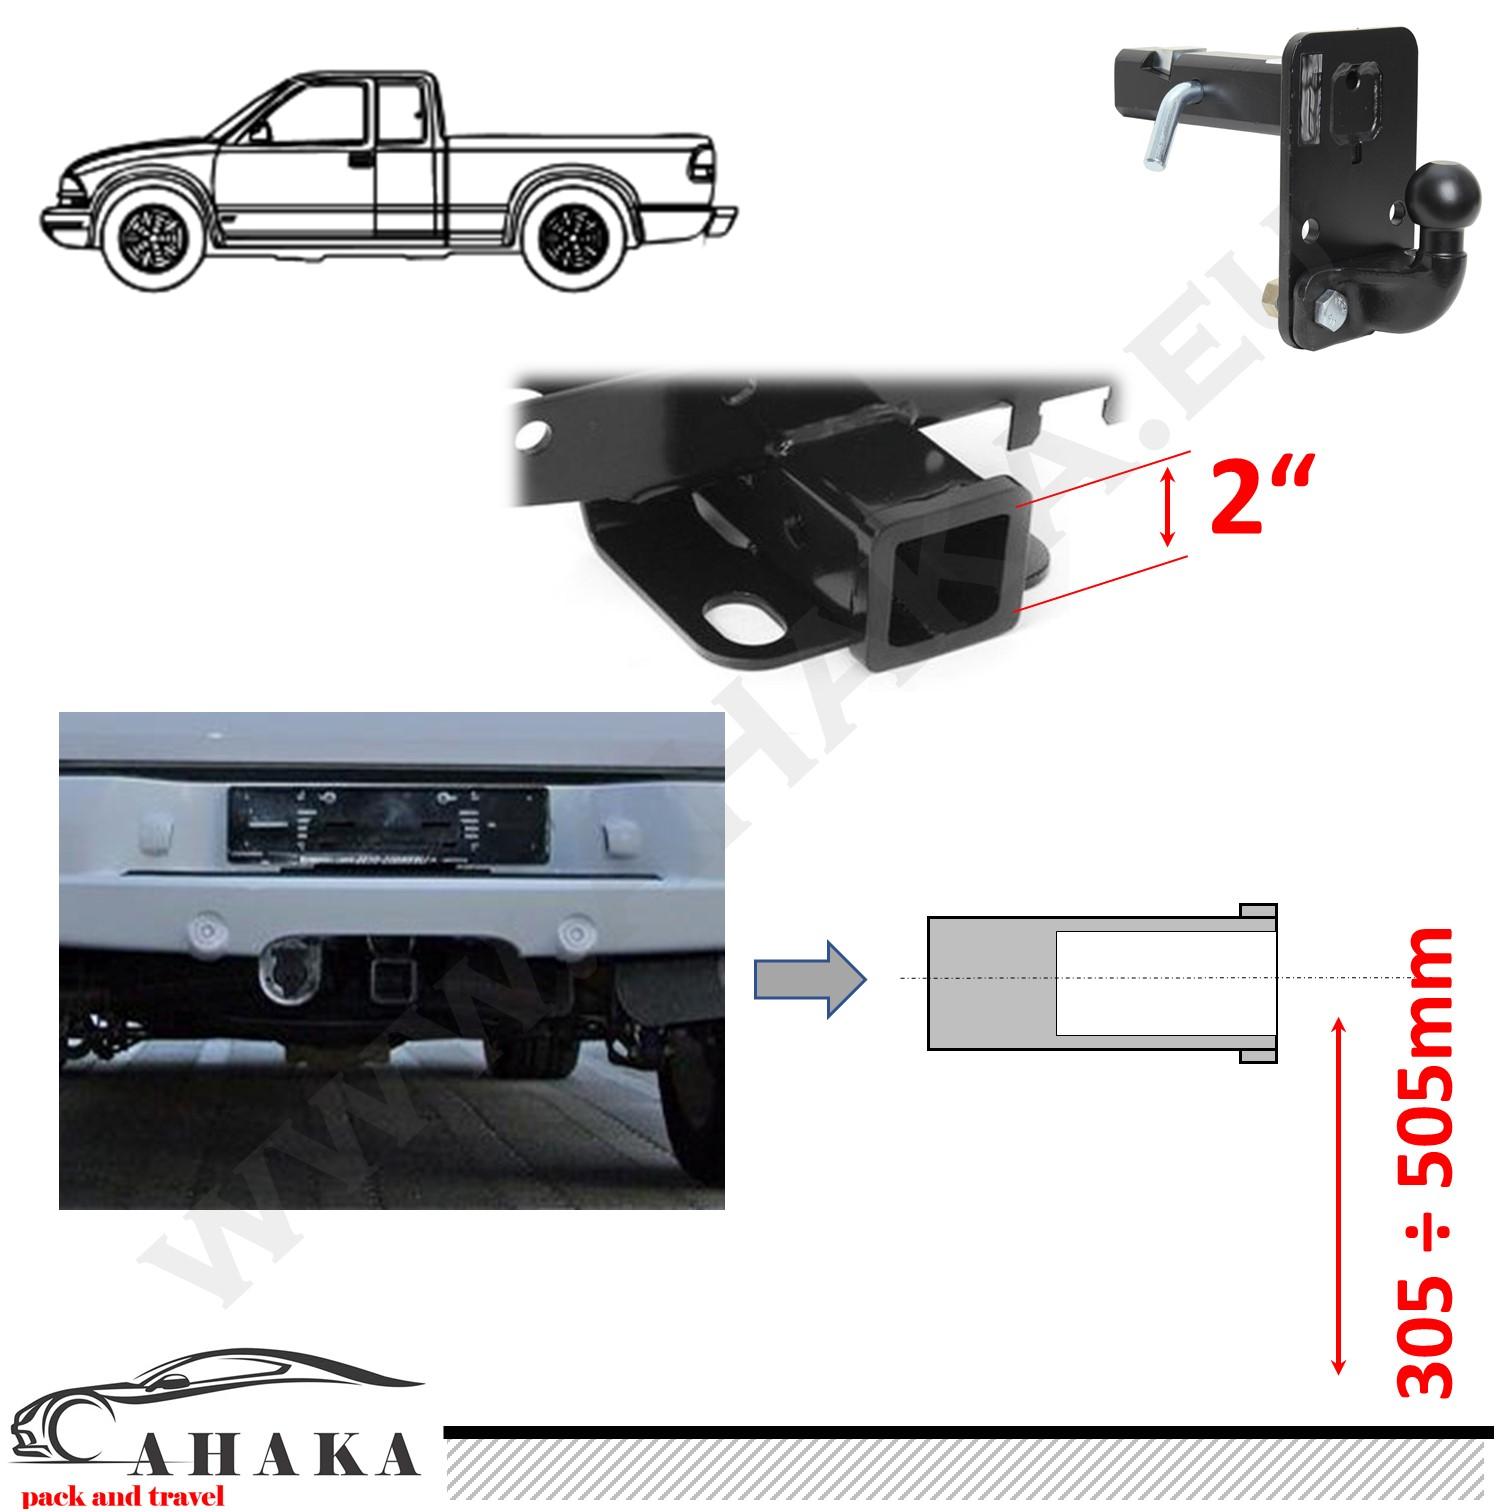 AHK 51x51mm Anhängebock Adapter tiefgezogen Dodge Ram 1500 2010–2018 -115mm